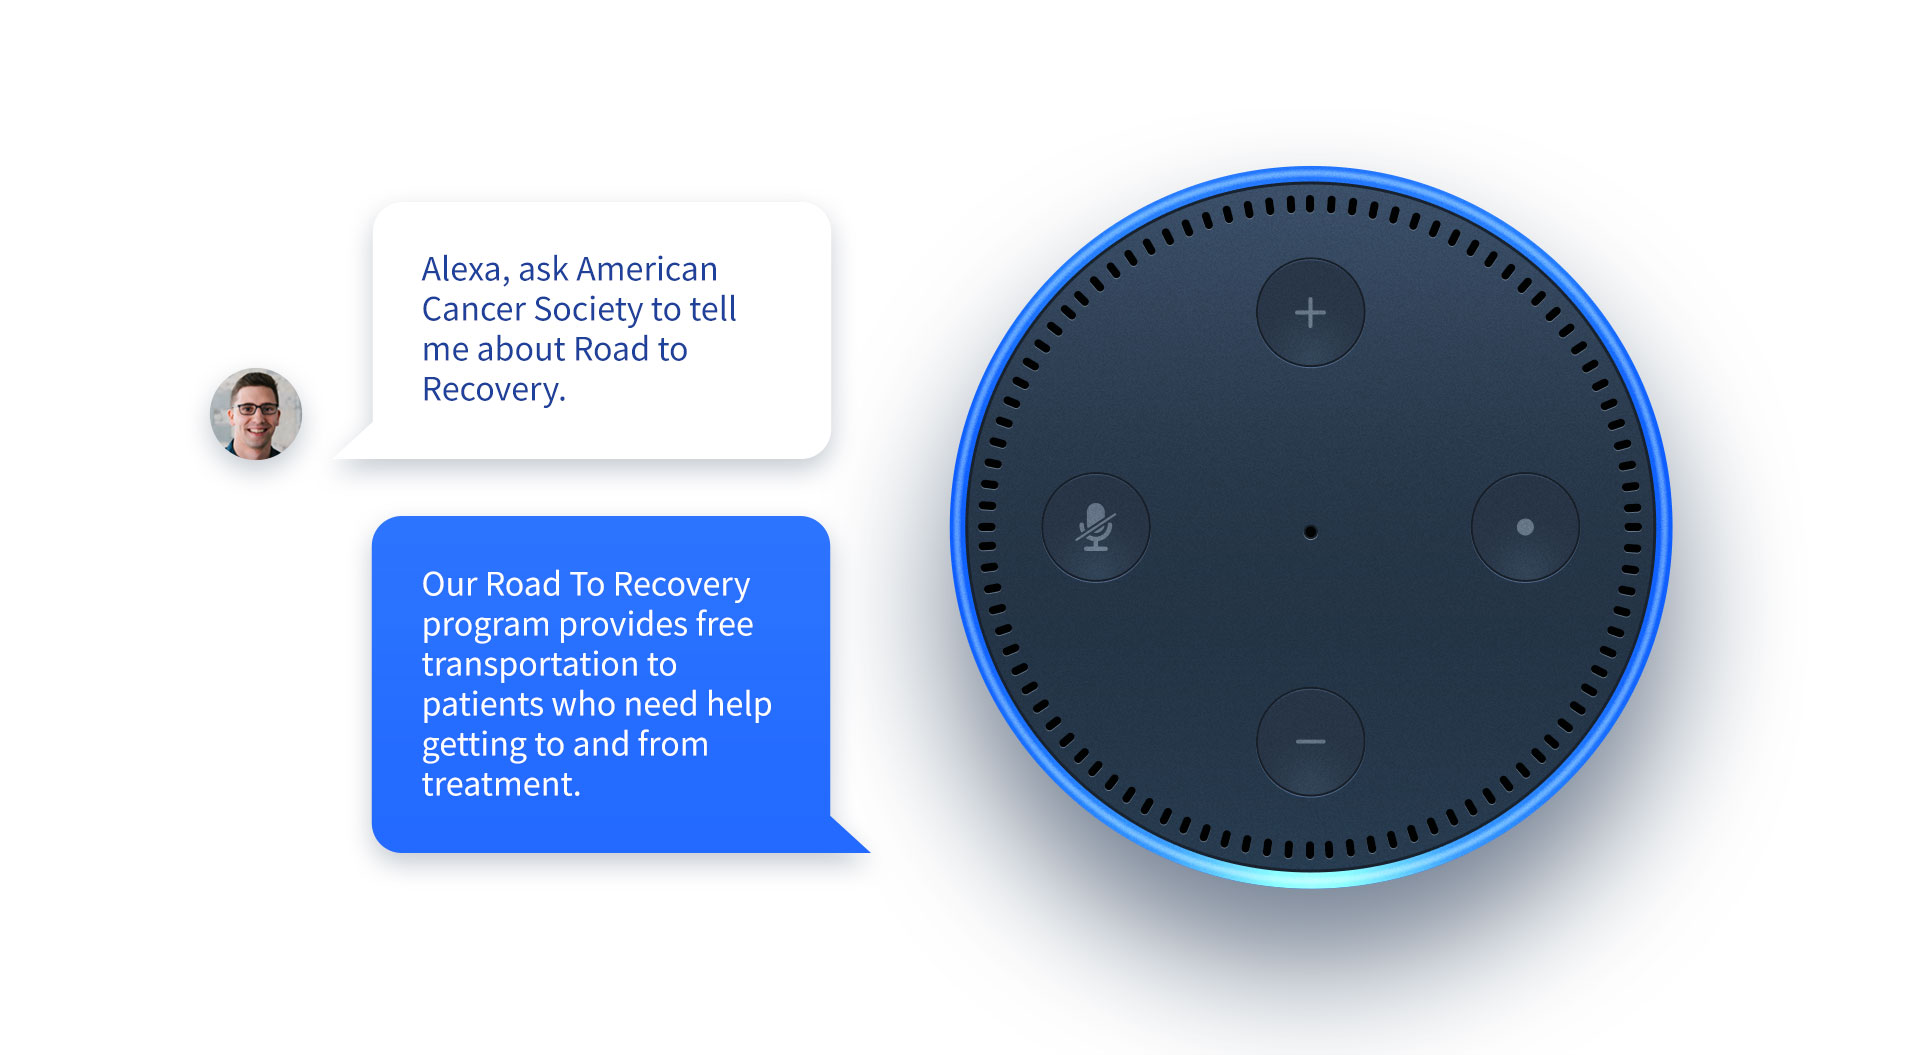 Amazon Alexa with speech bubbles showcasing an Alexa skill.